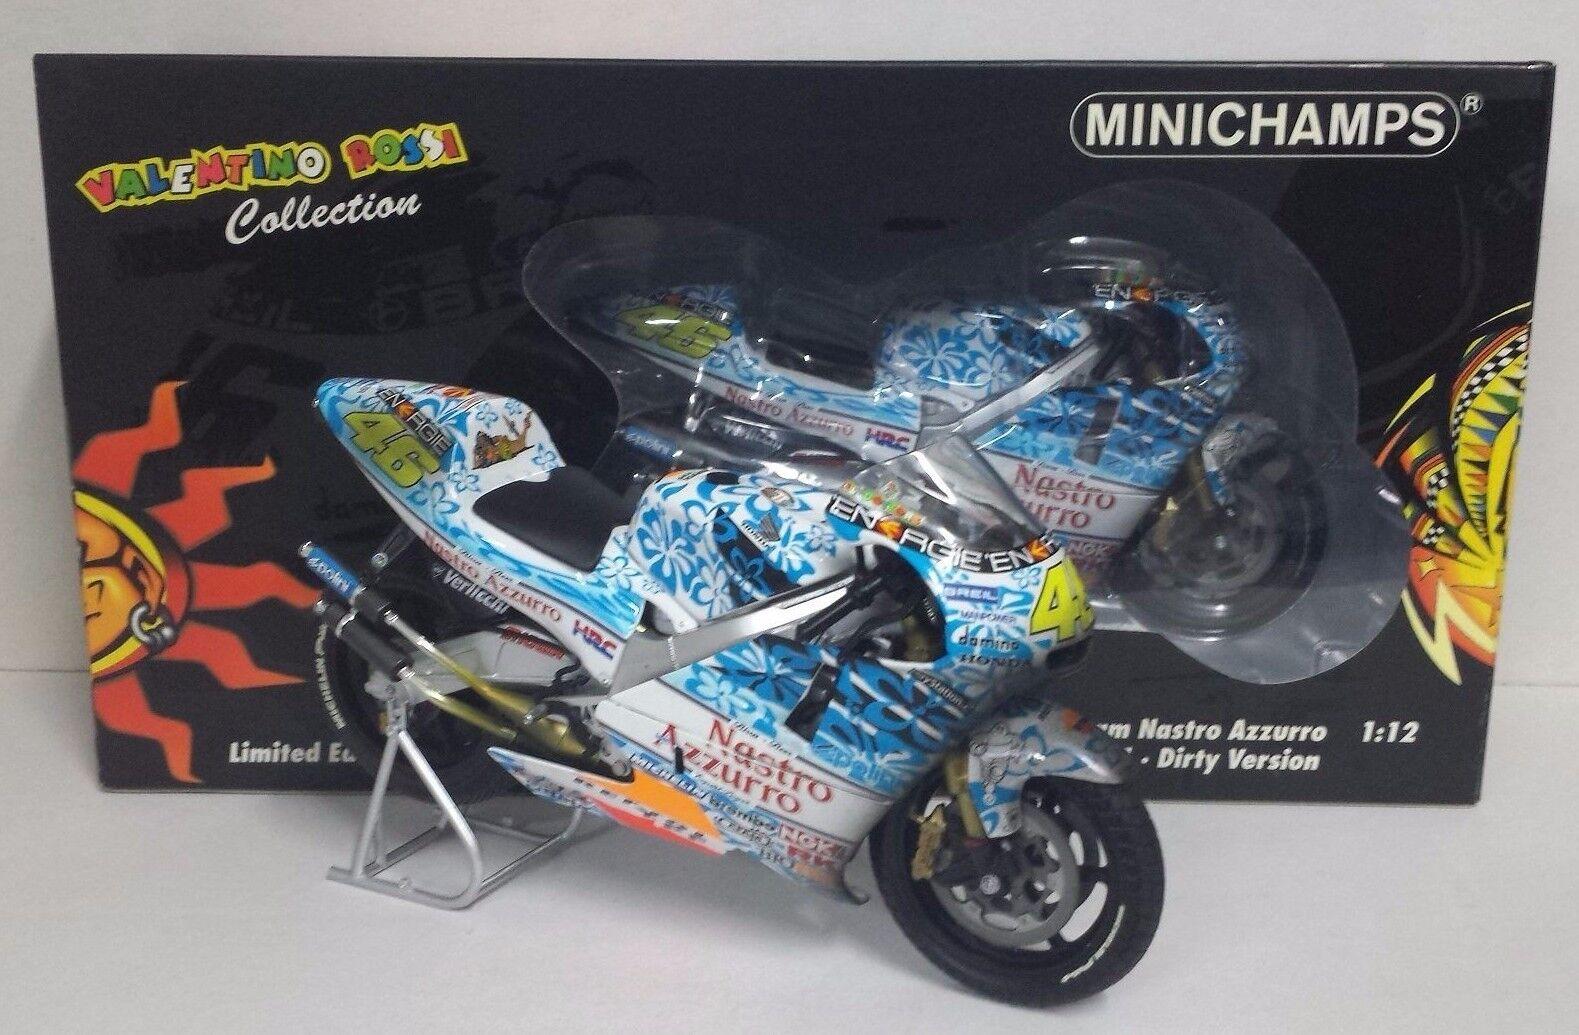 MINICHAMPS VALENTINO ROSSI 1/12 HONDA NSR 500 NASTRO AZZURRO GP MUGELLO 2001 NEW